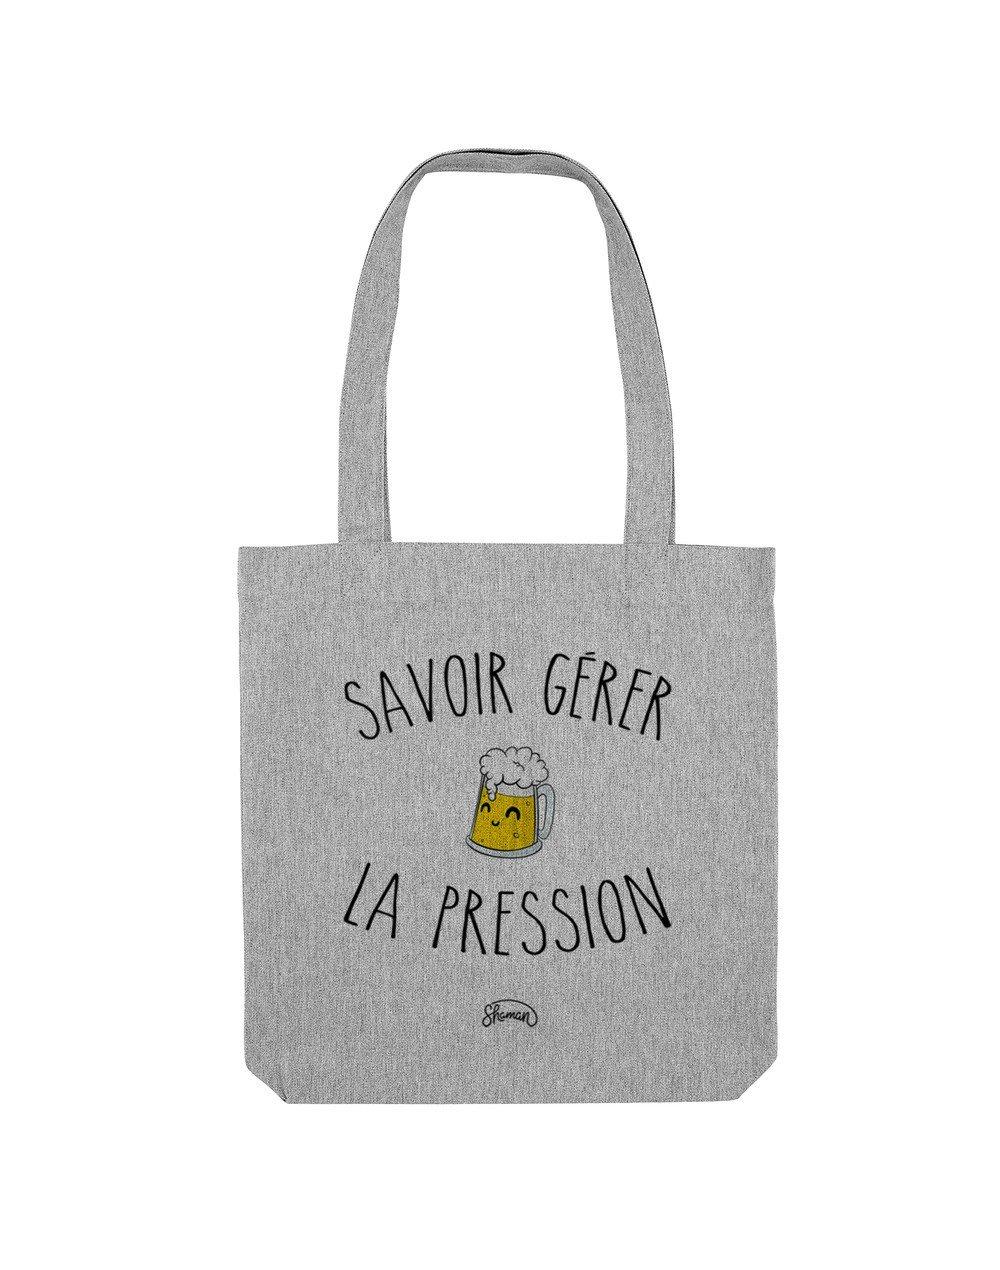 LA PRESSION - Tote Bag  Gris chiné  en coton